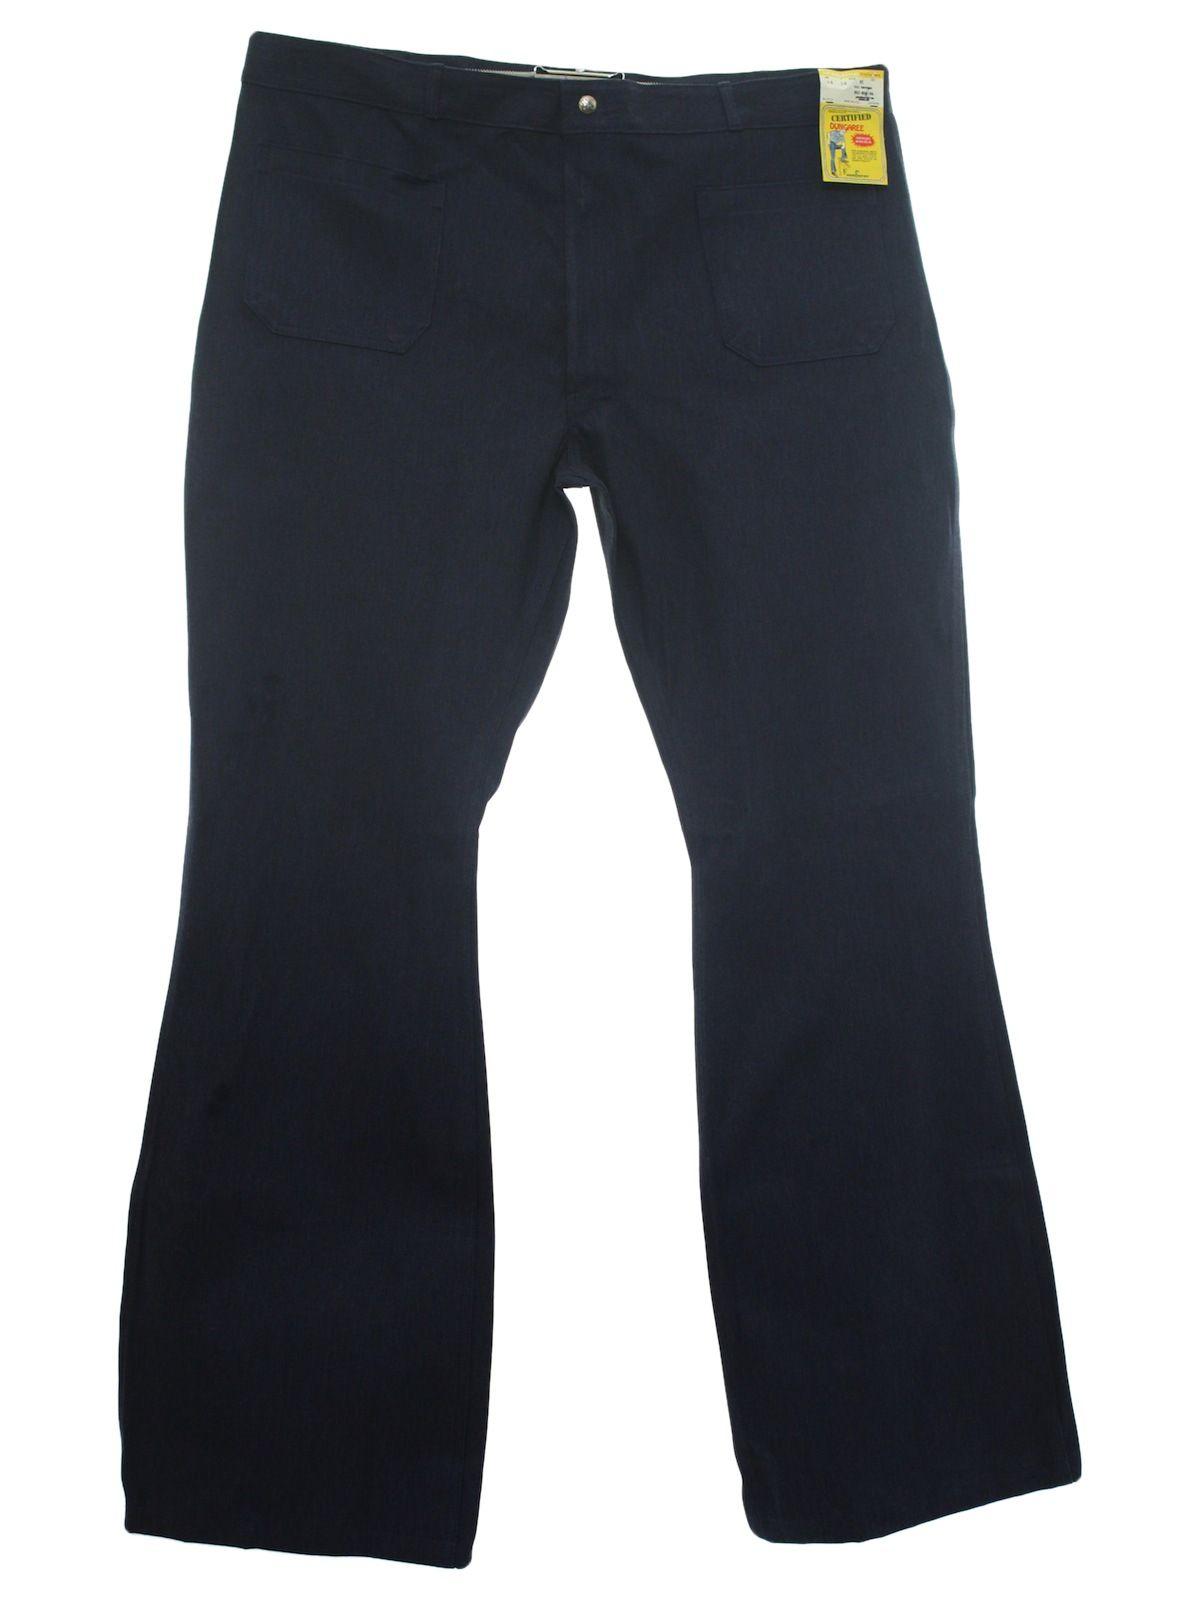 8c6221c4 1960's Seafarer Mens Navy Issue Bellbottom Jeans Pants | Barber ...